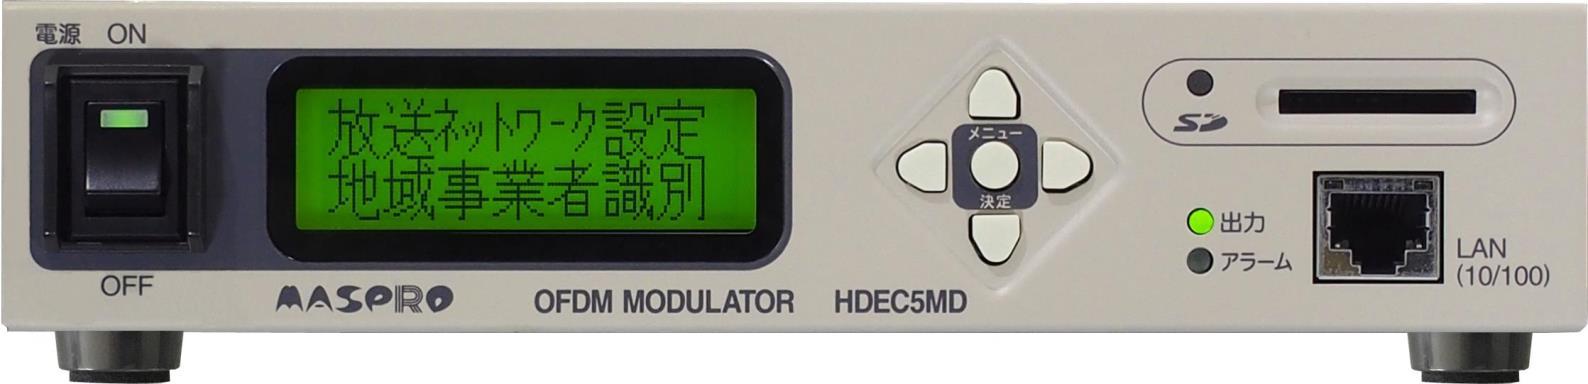 〔送料無料〕 マスプロ 館内OFDM自主放送システム HDエンコーダー内蔵OFDM変調器 HDEC5MD (HDCP非対応)(HDEC3MD 後継品)